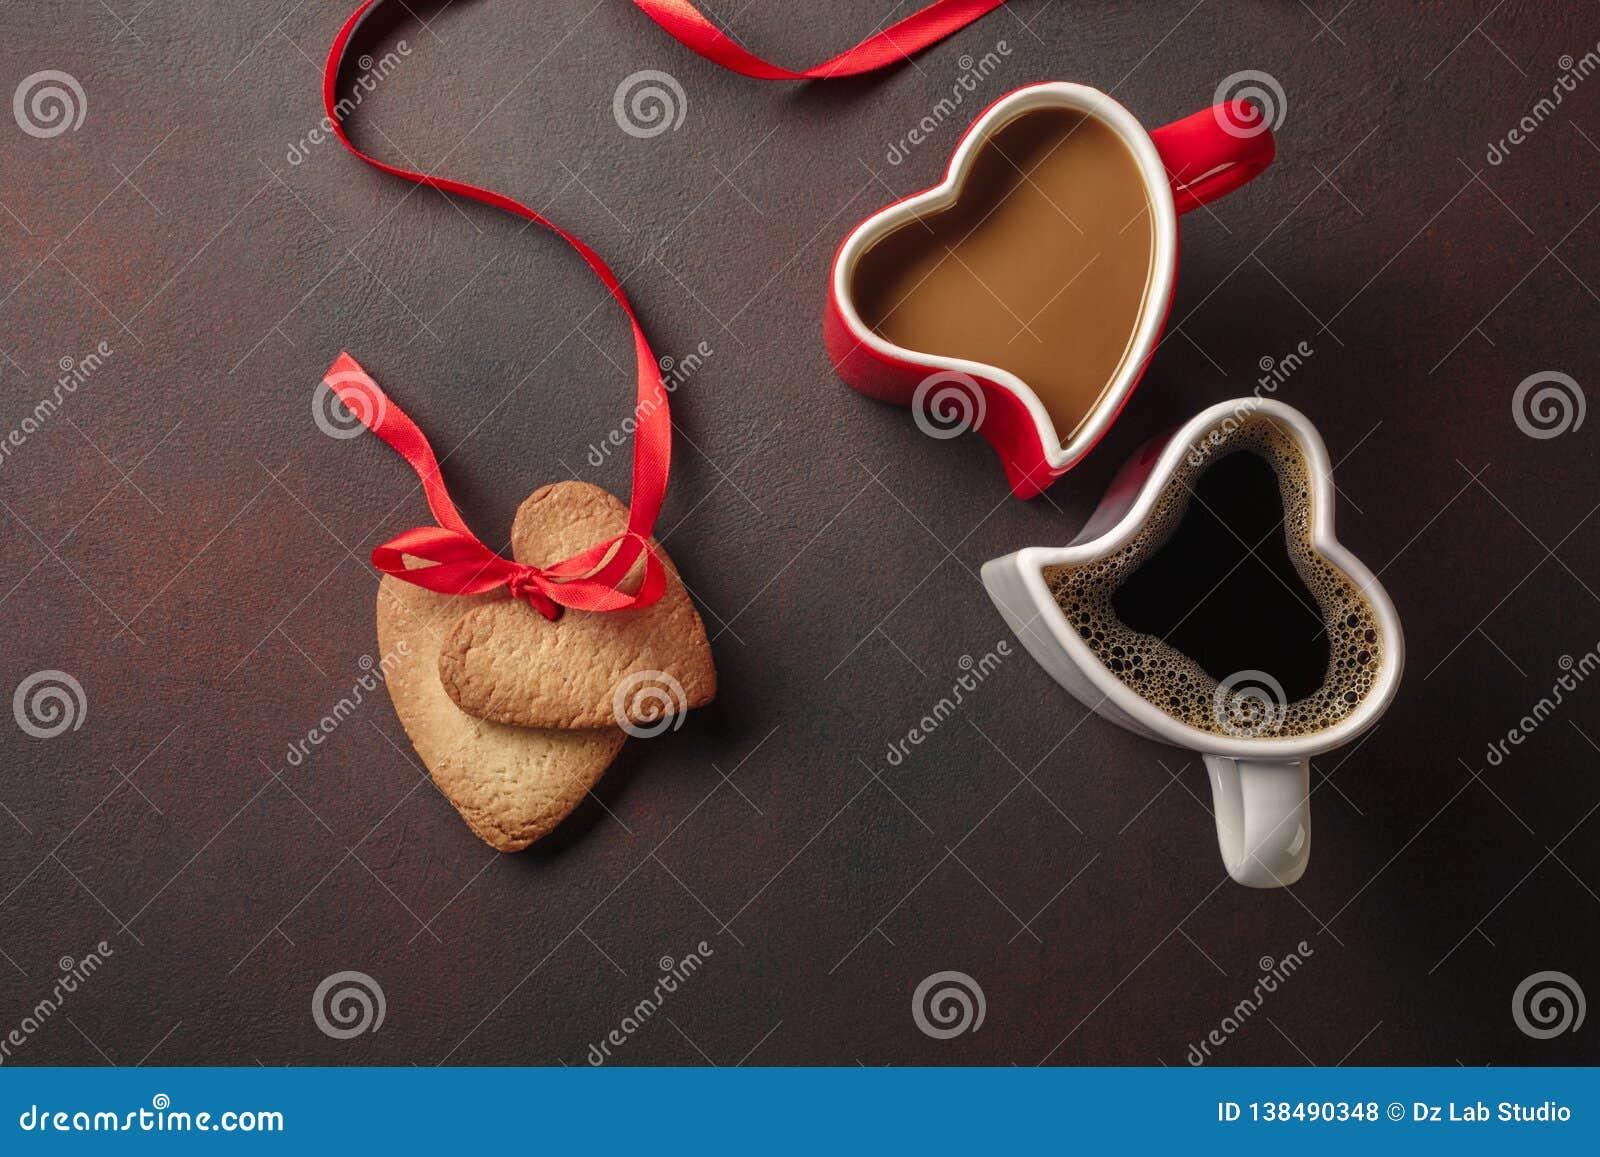 O dia de Valentim com presentes, uma caixa coração-dada forma, umas xícaras de café, as cookies coração-dadas forma, os bolinhos